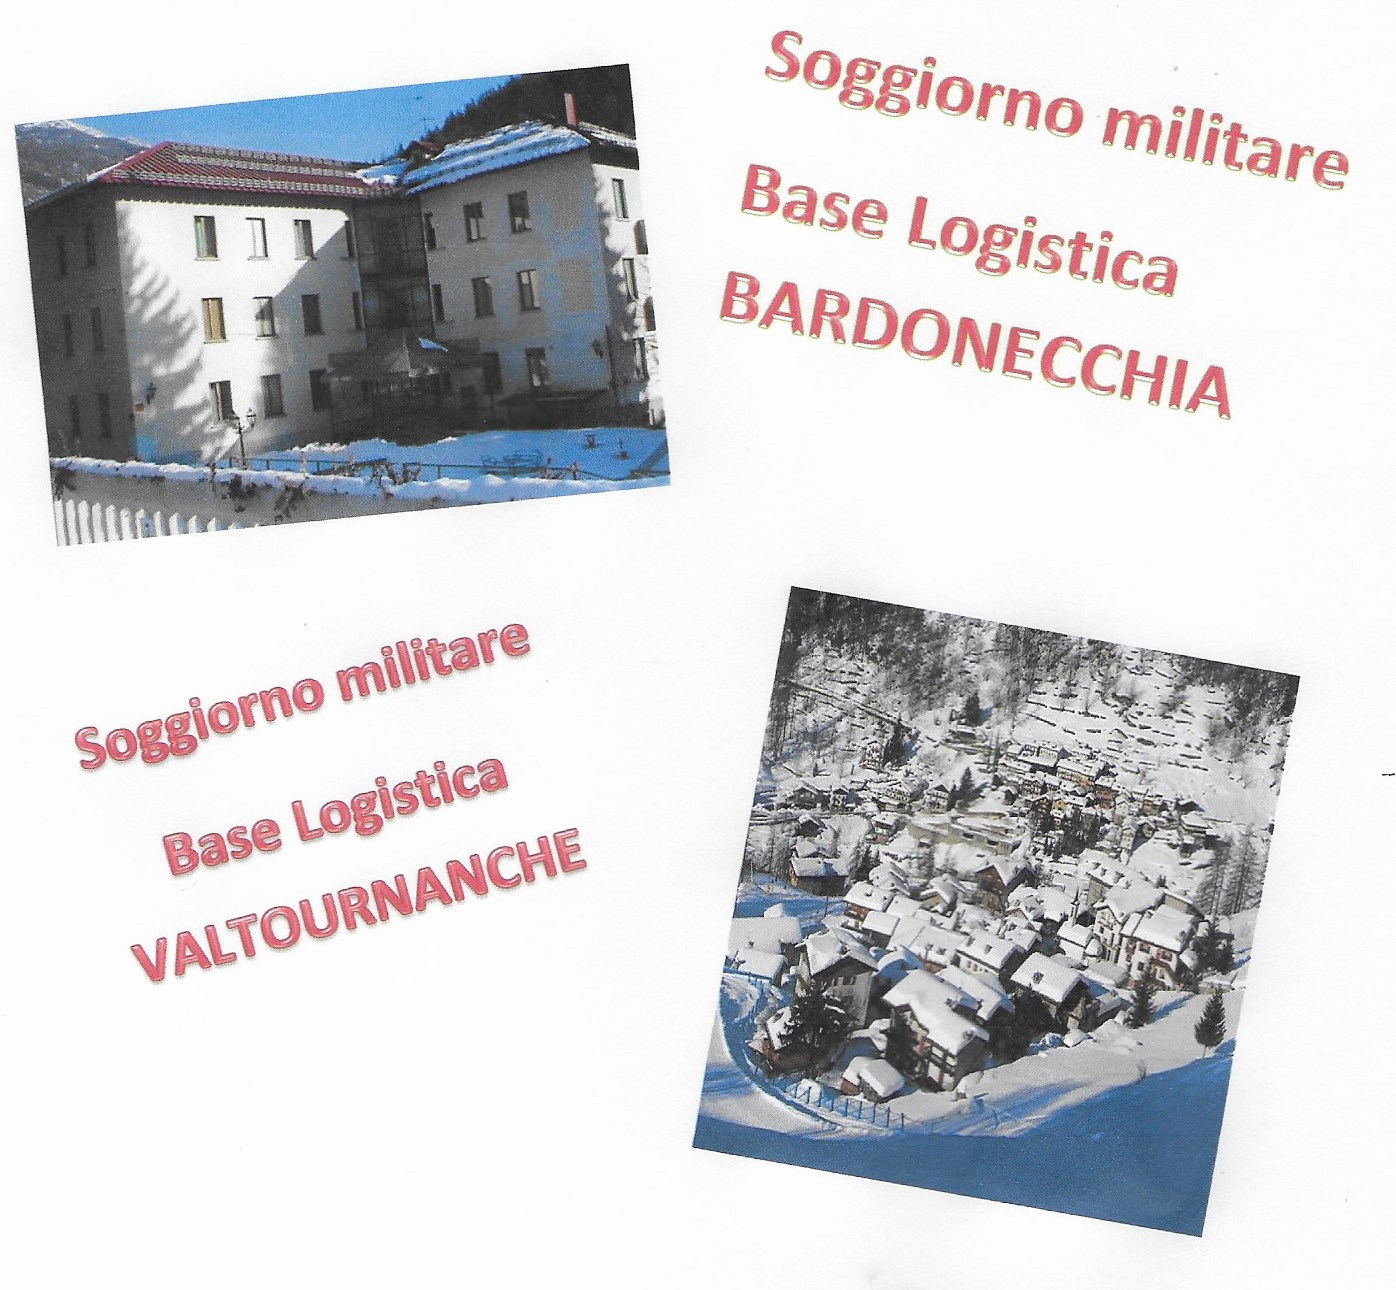 Lettera Comando Militare per soggiorno a Bardonecchia e ...